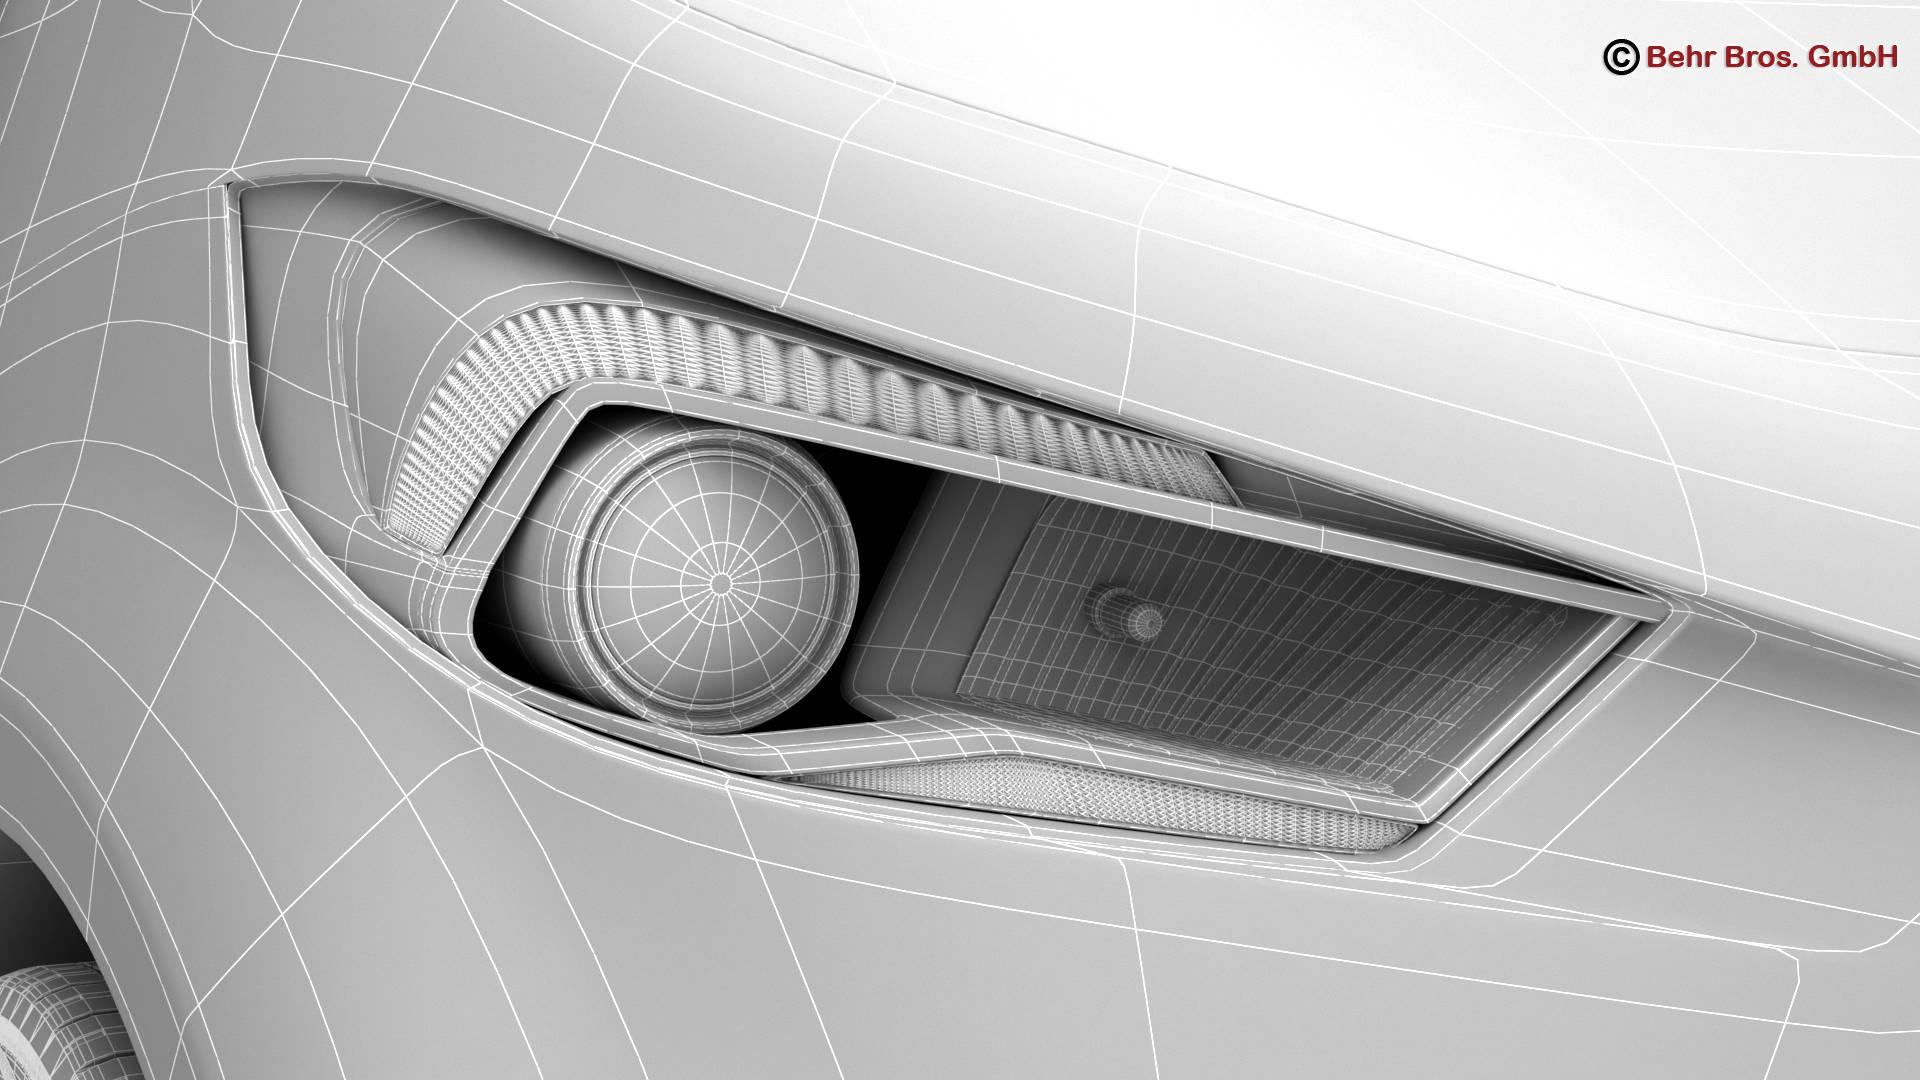 generic city car 3d model 3ds max fbx c4d lwo ma mb obj 209056